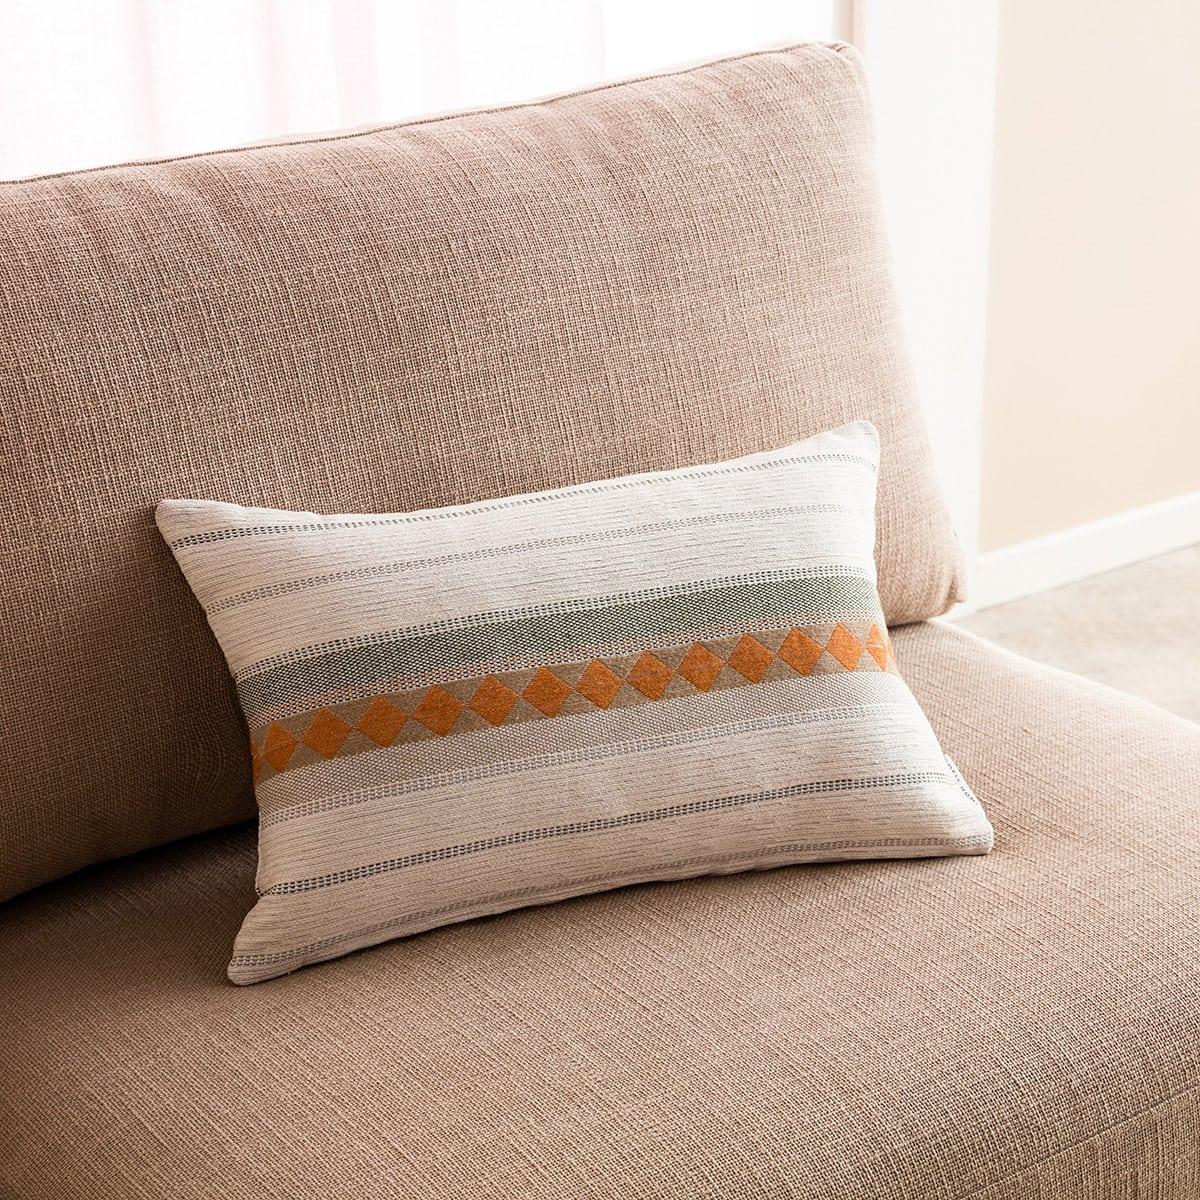 Μαξιλαροθήκη Διακοσμητική Kallista 287/18 Khaki Gofis Home 30Χ50 Βαμβάκι-Polyester